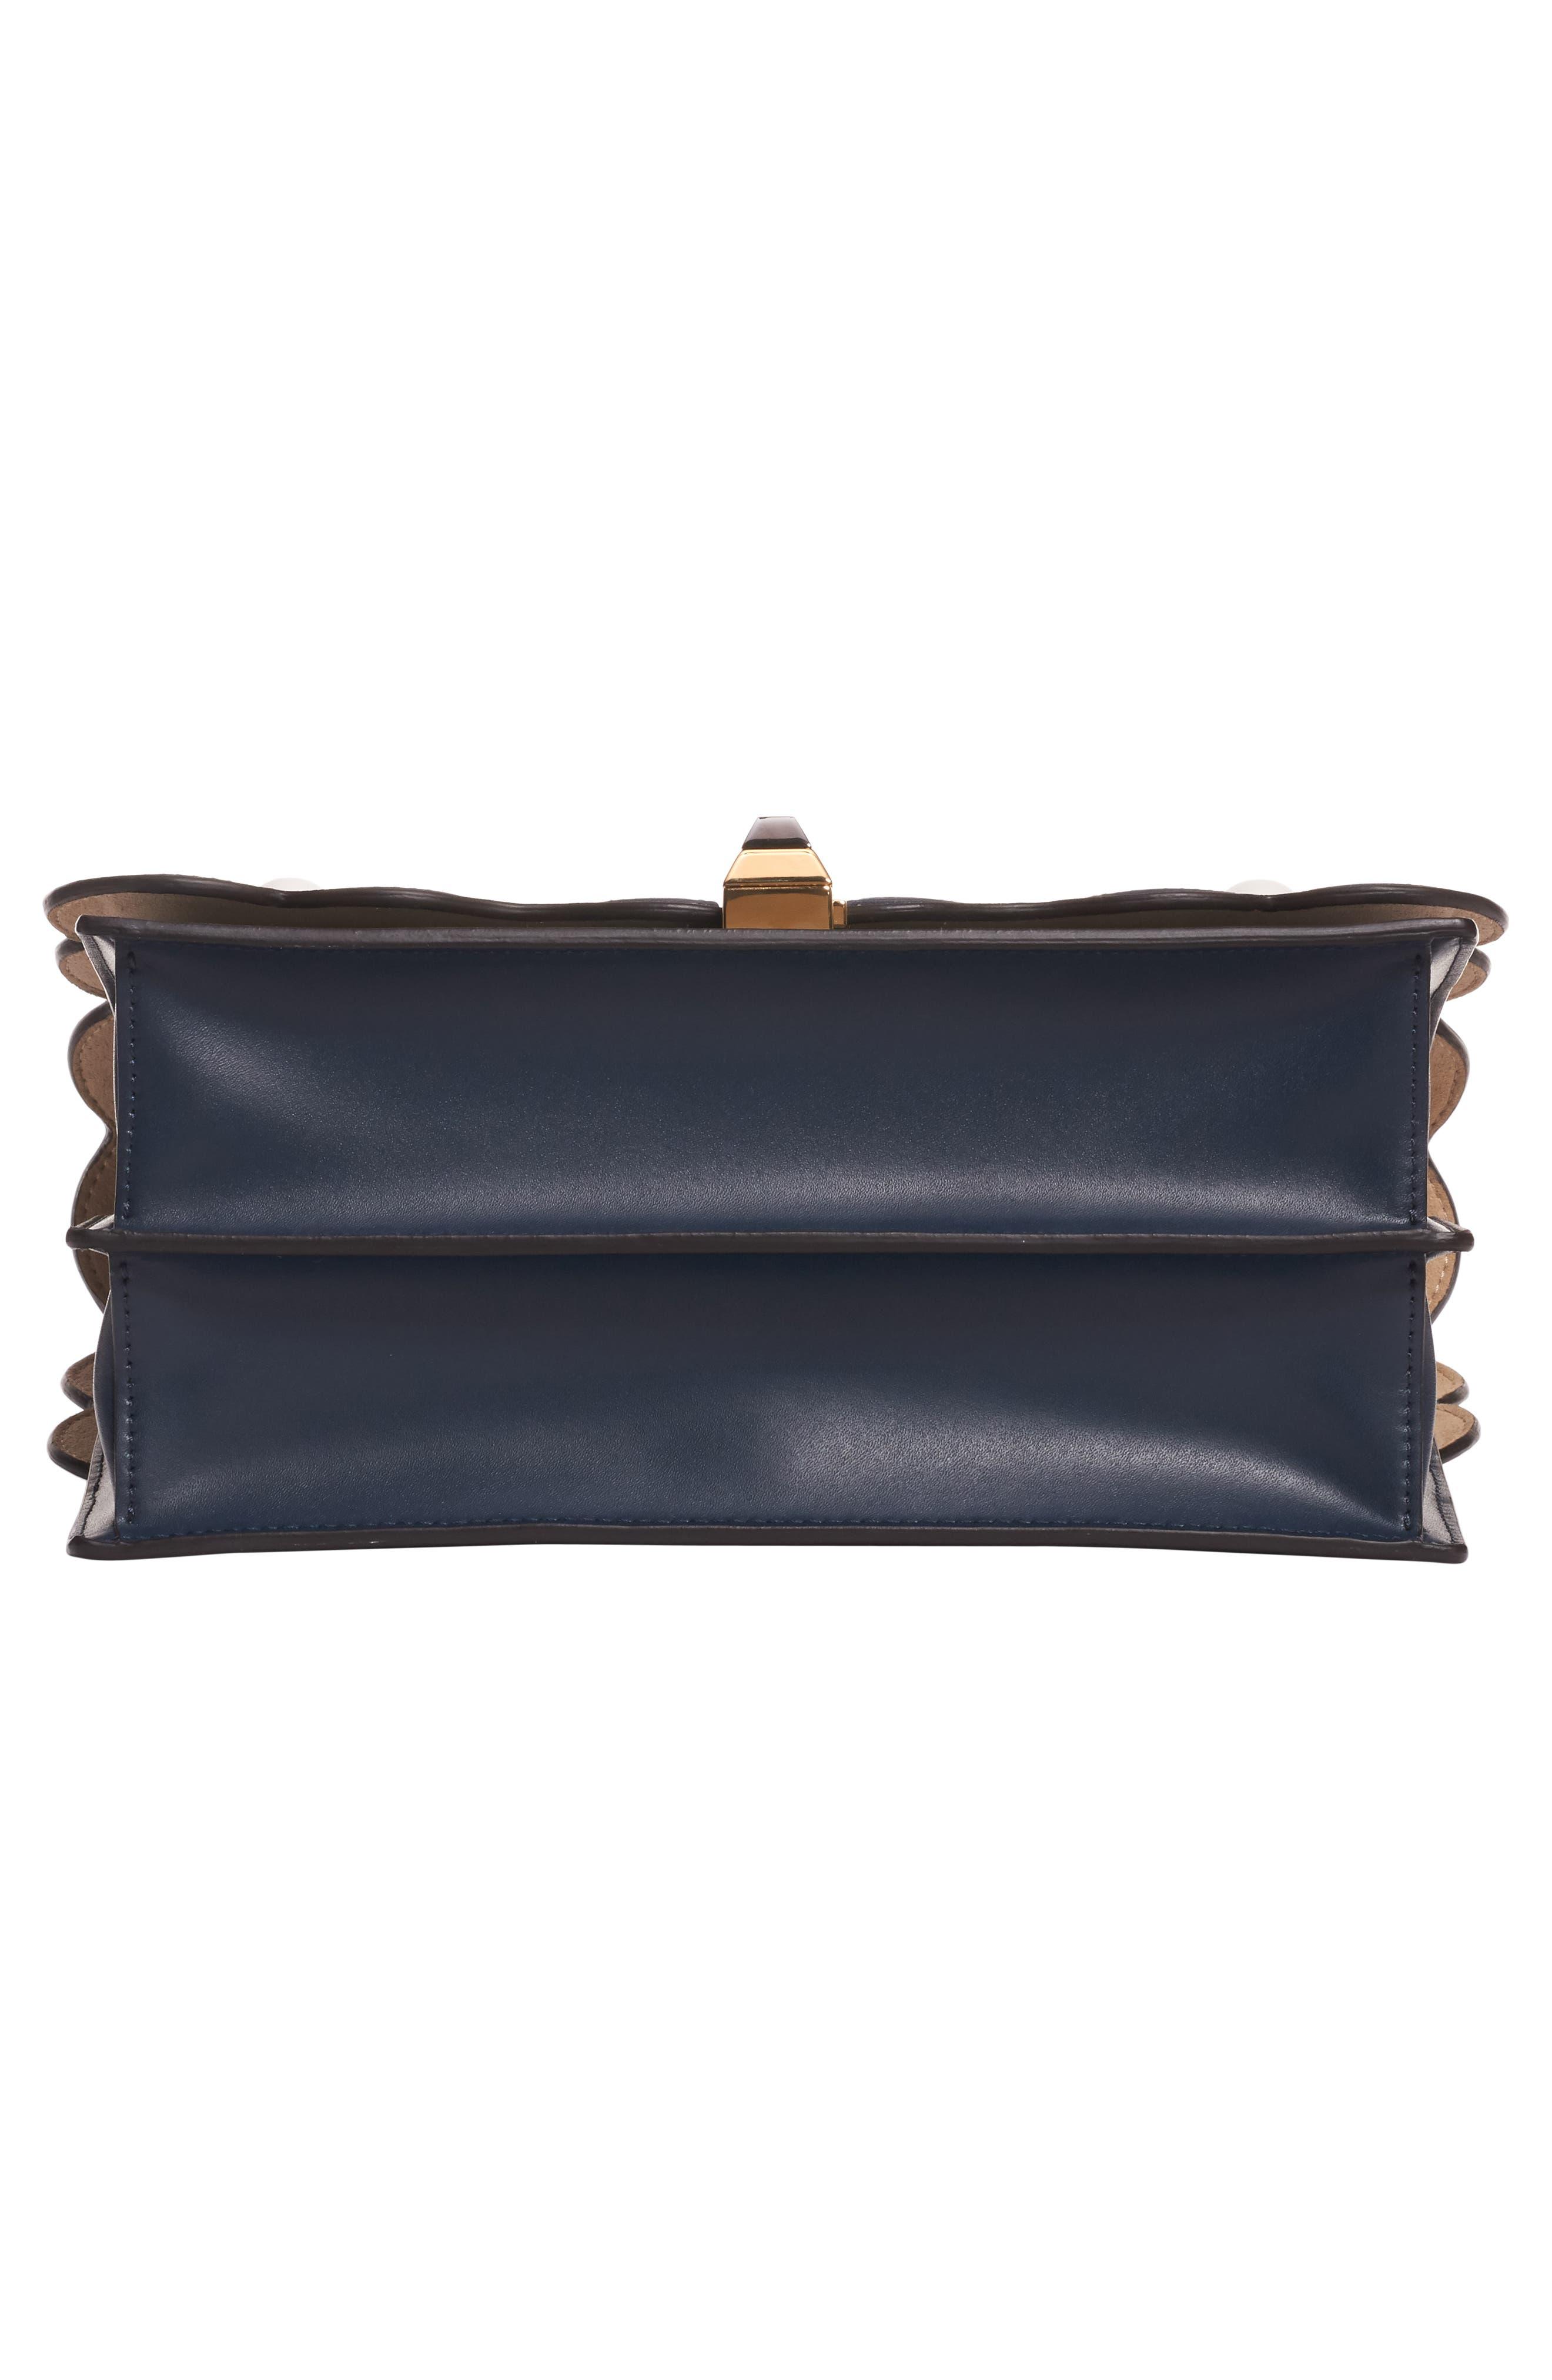 FENDI,                             Kan I Liberty Flower Leather Shoulder Bag,                             Alternate thumbnail 6, color,                             NOTTURNO